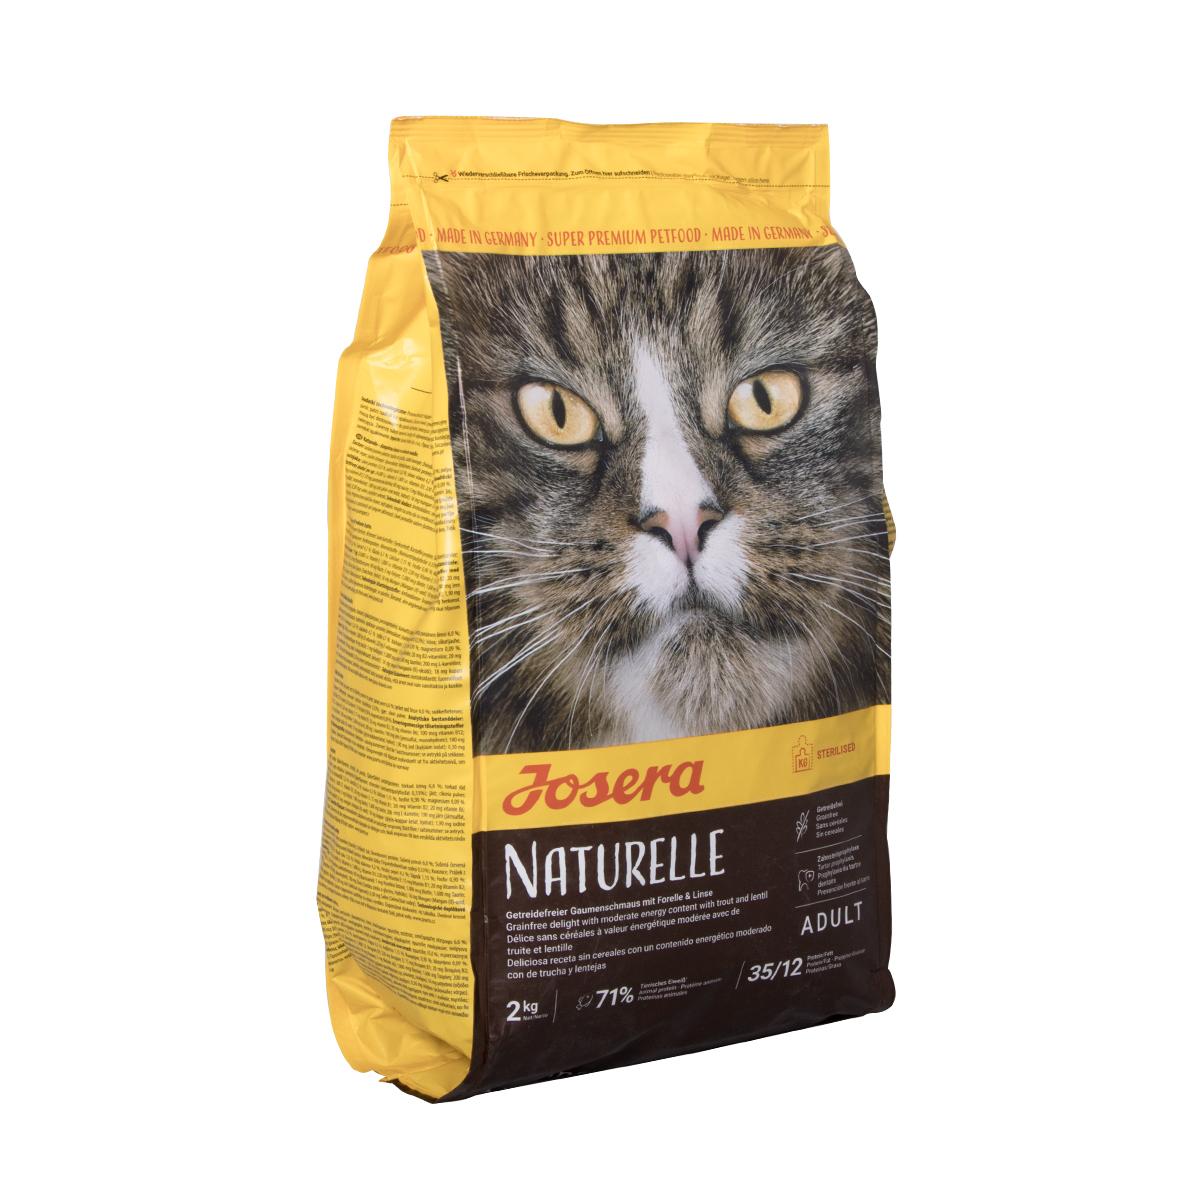 غذای خشک گربه جوسرا مدل Naturelle وزن 2 کیلوگرم